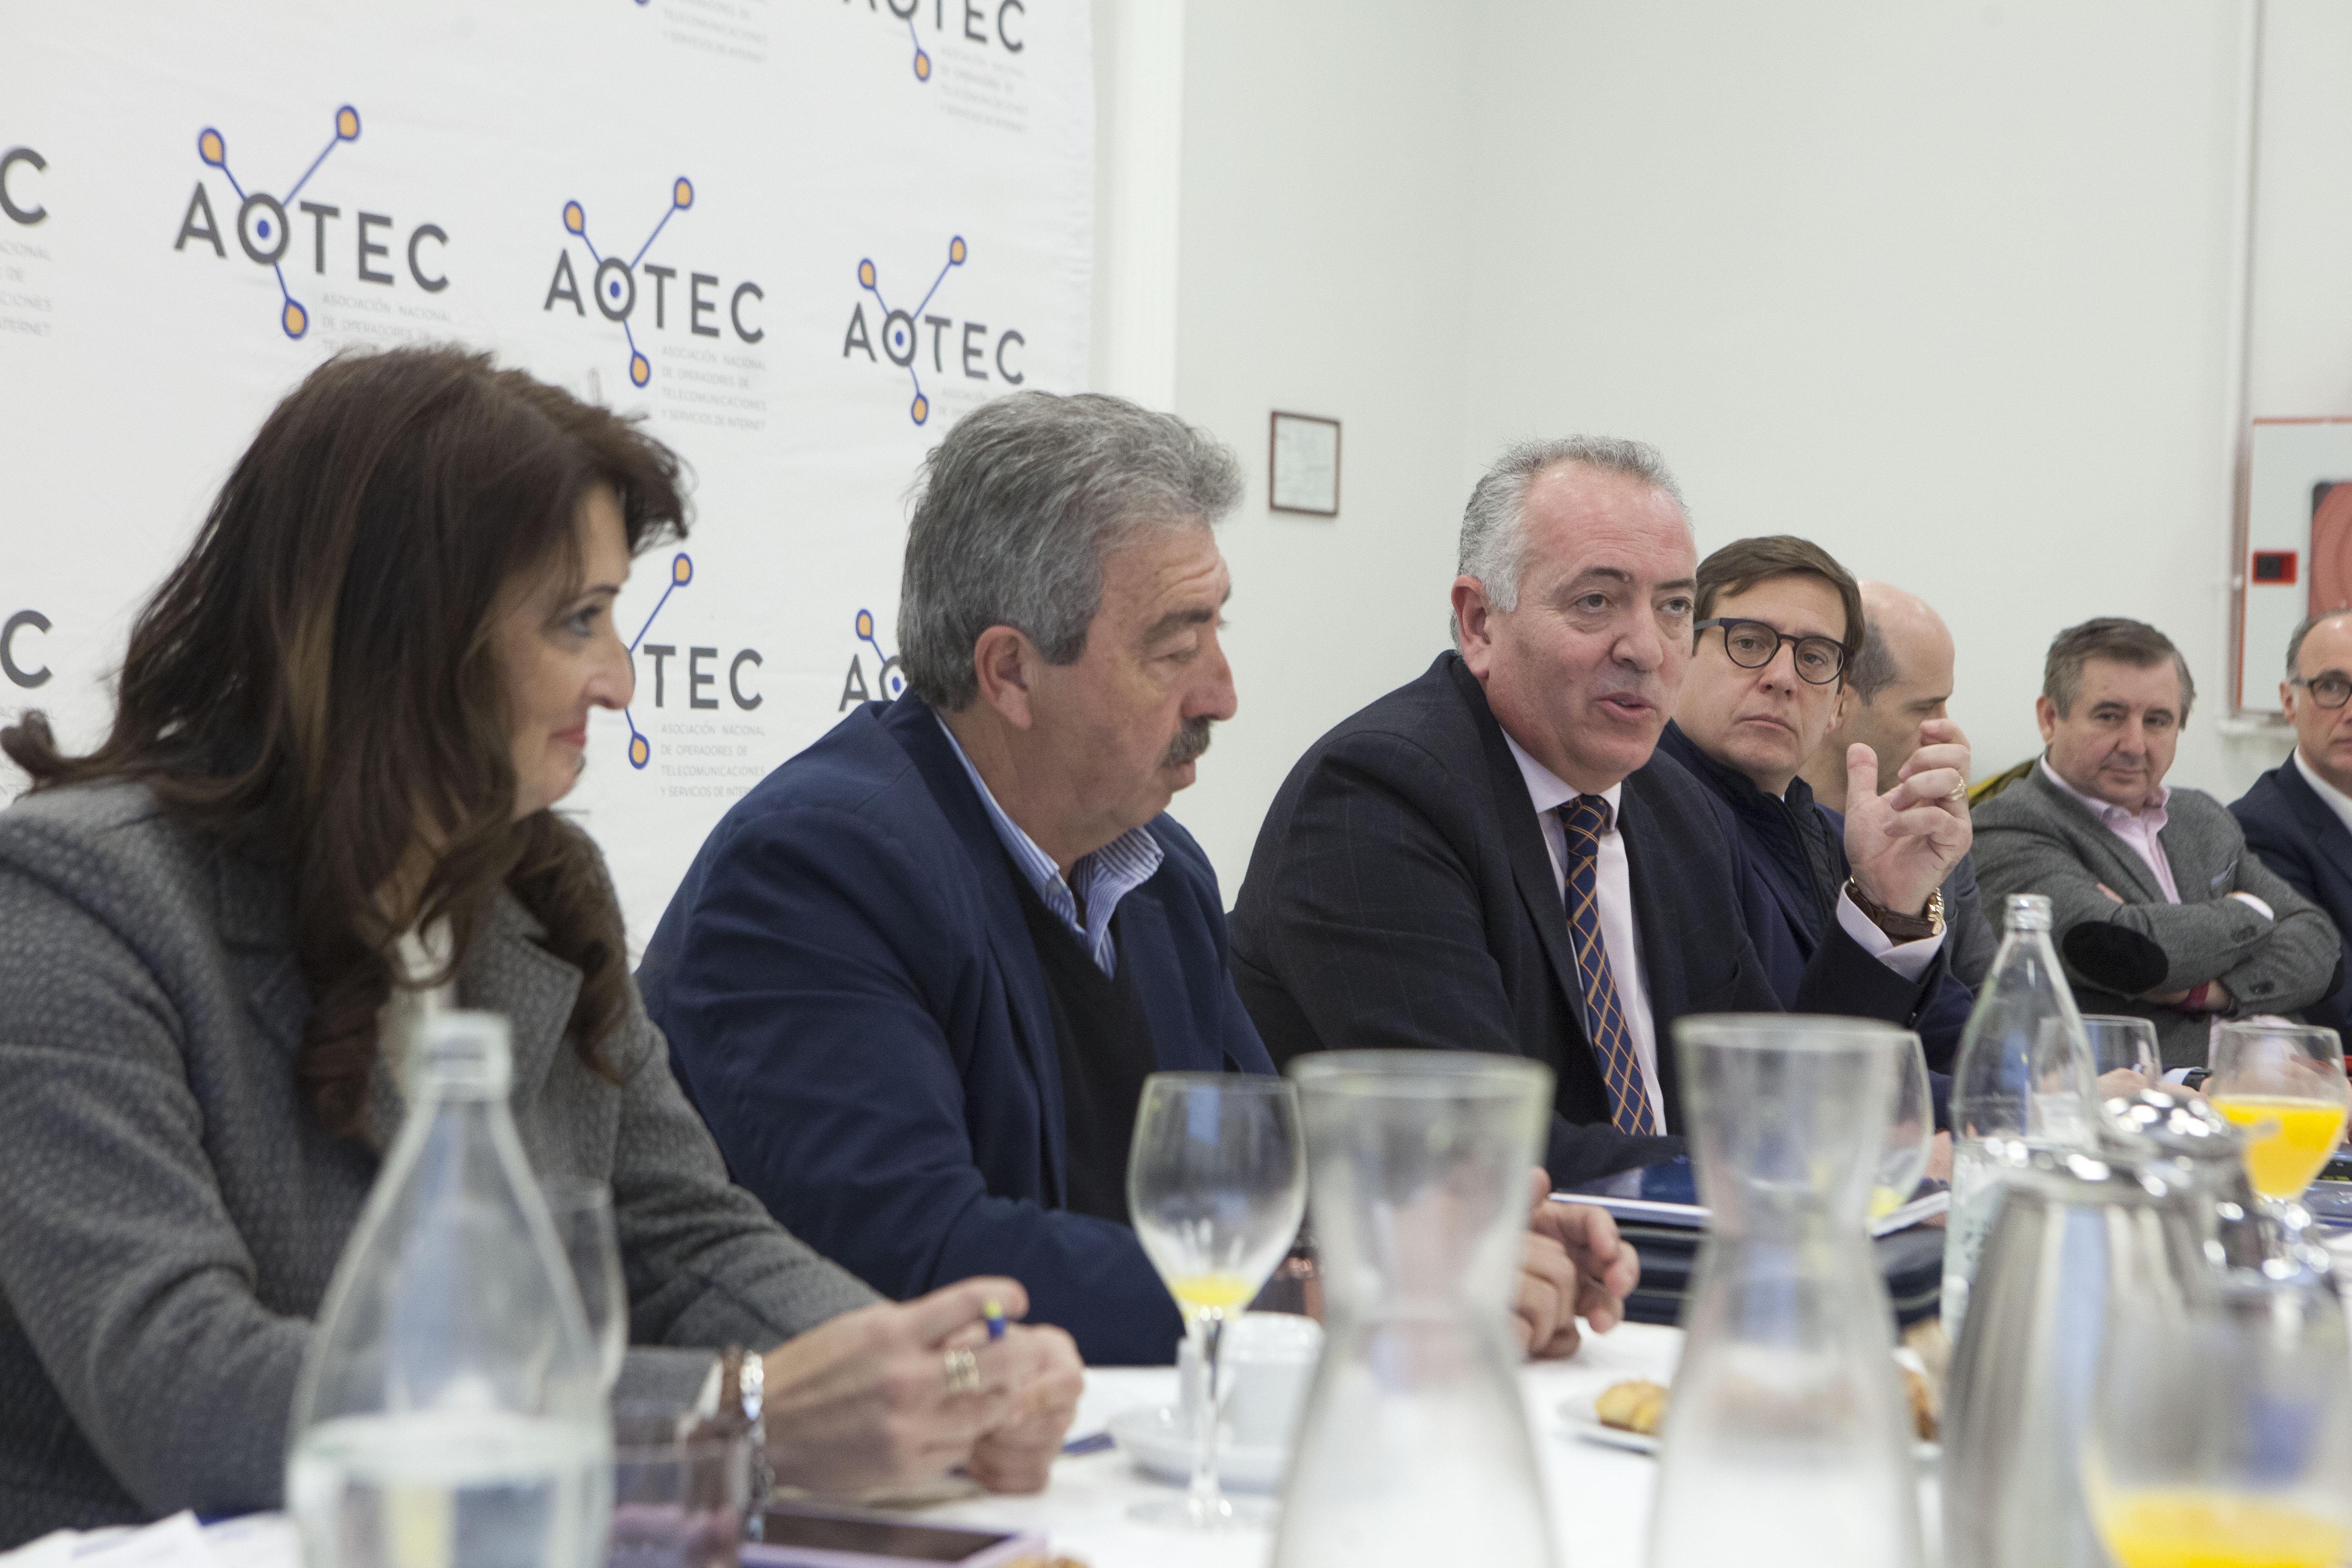 El presidente de AOTEC, Antonio García Vidal, explica el valor del sector en la rueda de prensa de presentación del estudio.